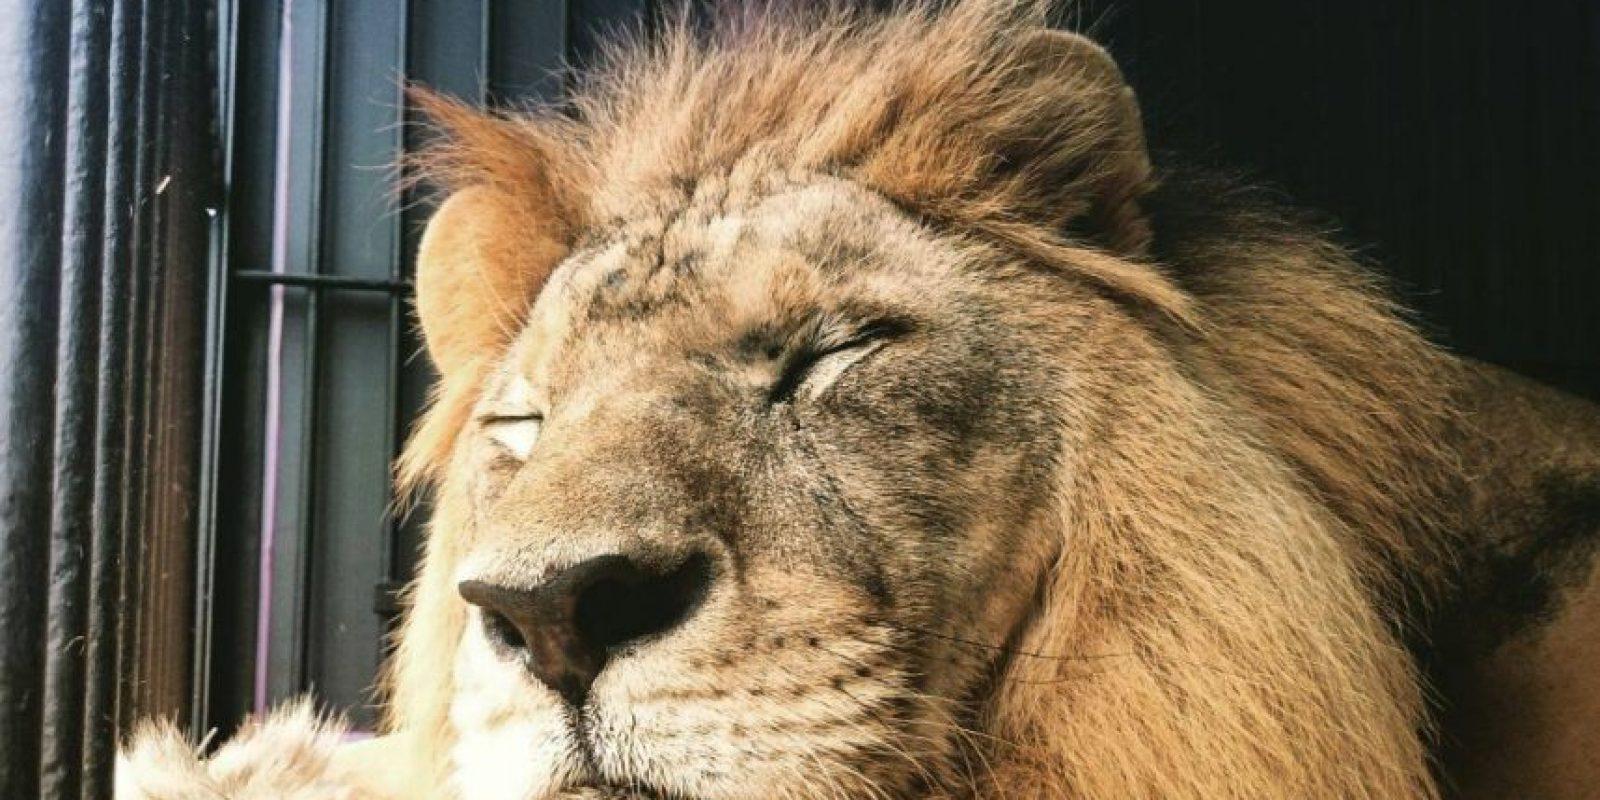 """""""En este espacio comenzará a reconocer nuevos olores, sonidos y tener contacto con otros leones"""" Foto:Facebook.com/RanchoDosGnomos"""